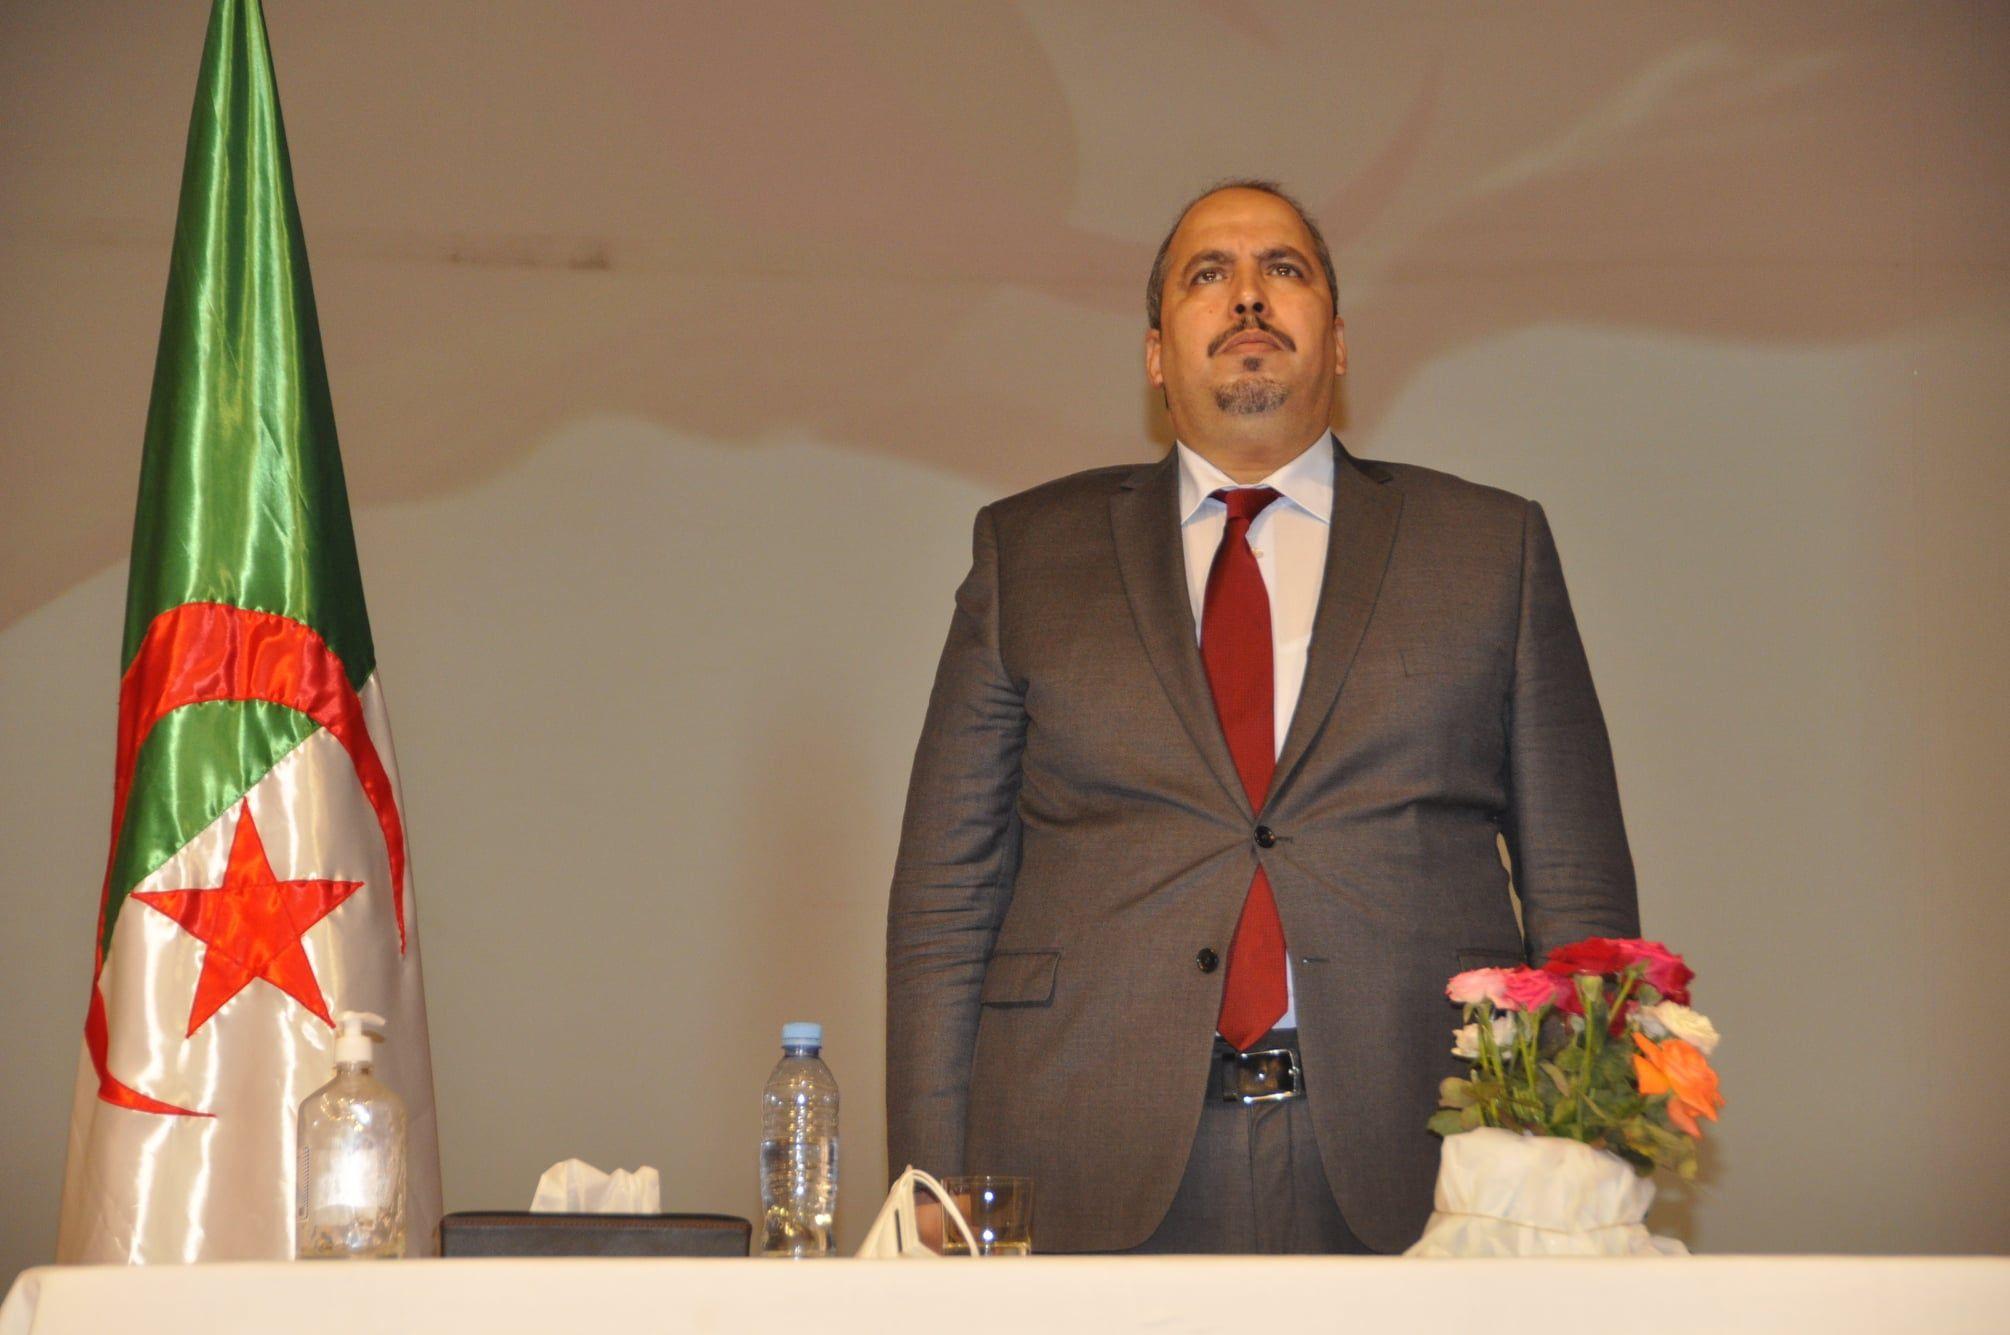 الأفلان: بعجي أبو الفضل يملك وثيقة الإعفاء من الخدمة الوطنية وانسحب من التشريعيات لهذا السبب